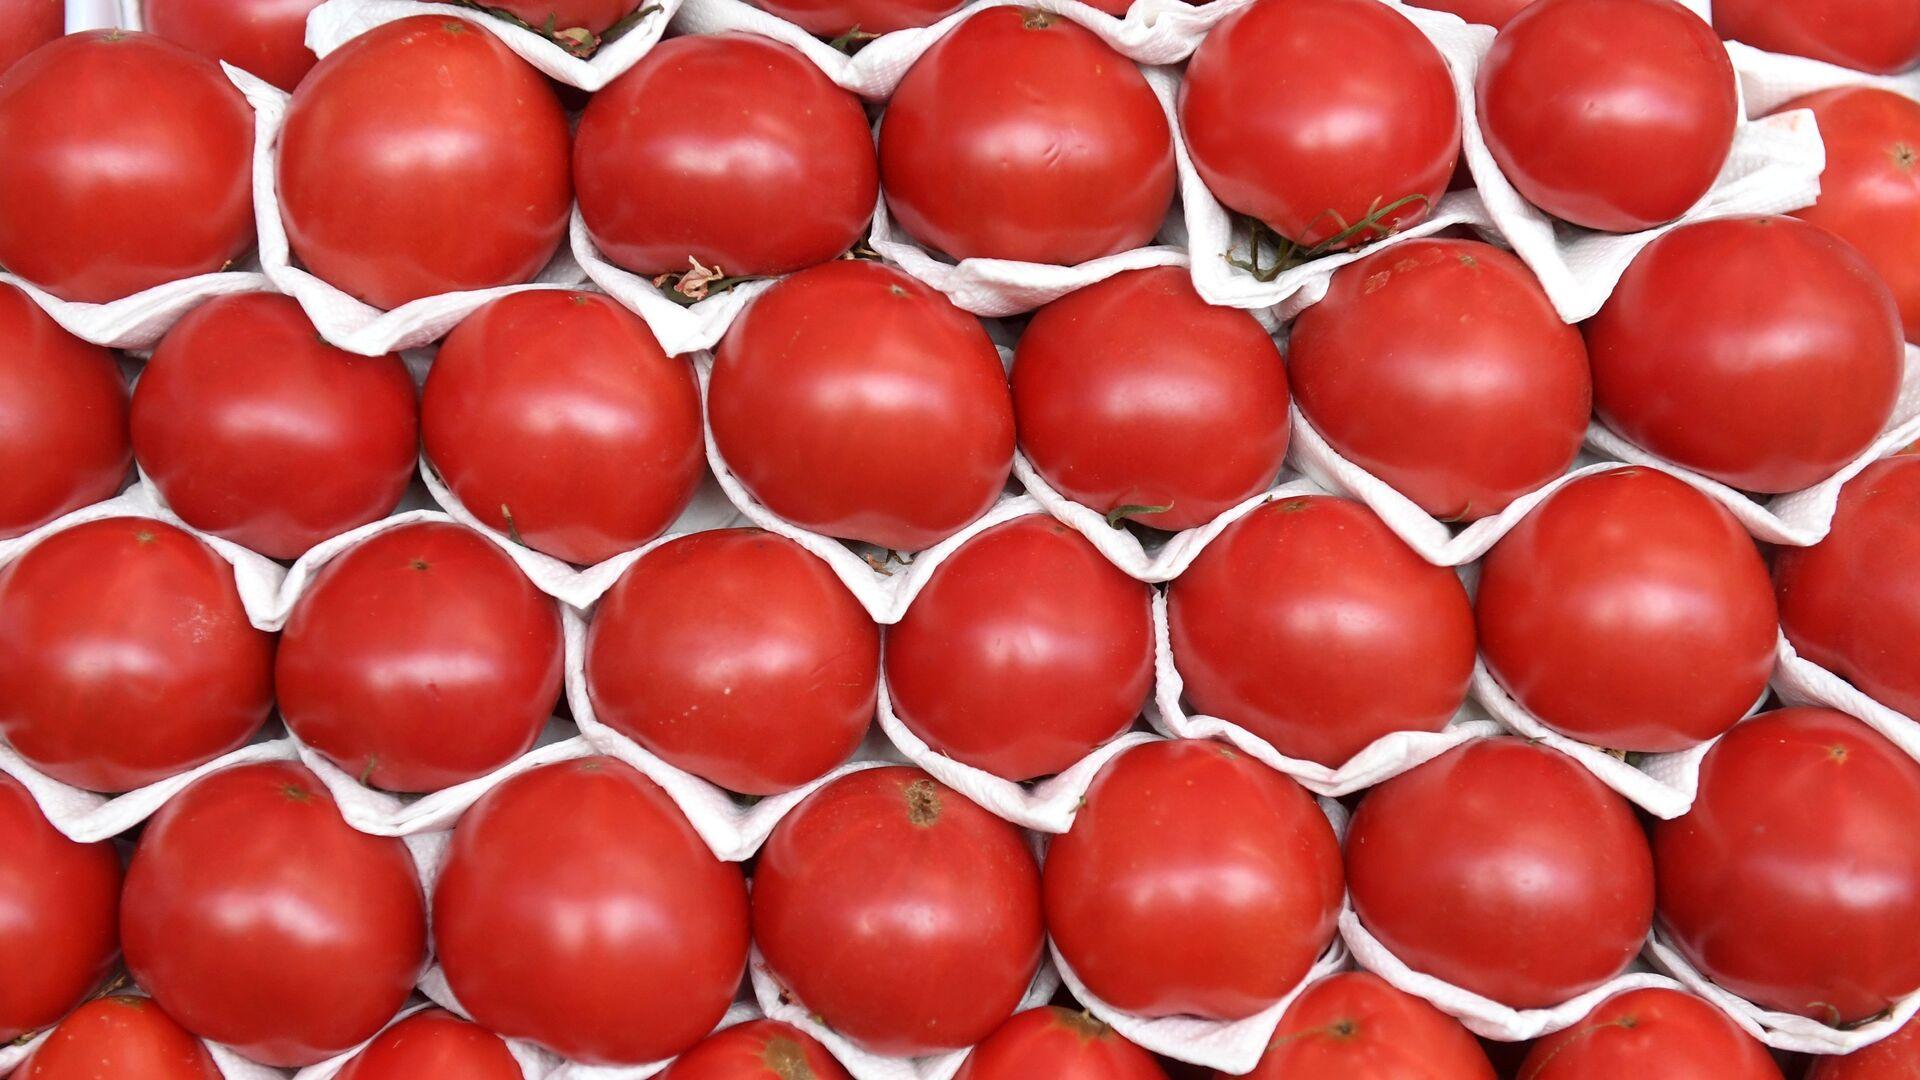 Прилавок с помидорами на Дорогомиловском рынке в Москве - РИА Новости, 1920, 18.12.2020